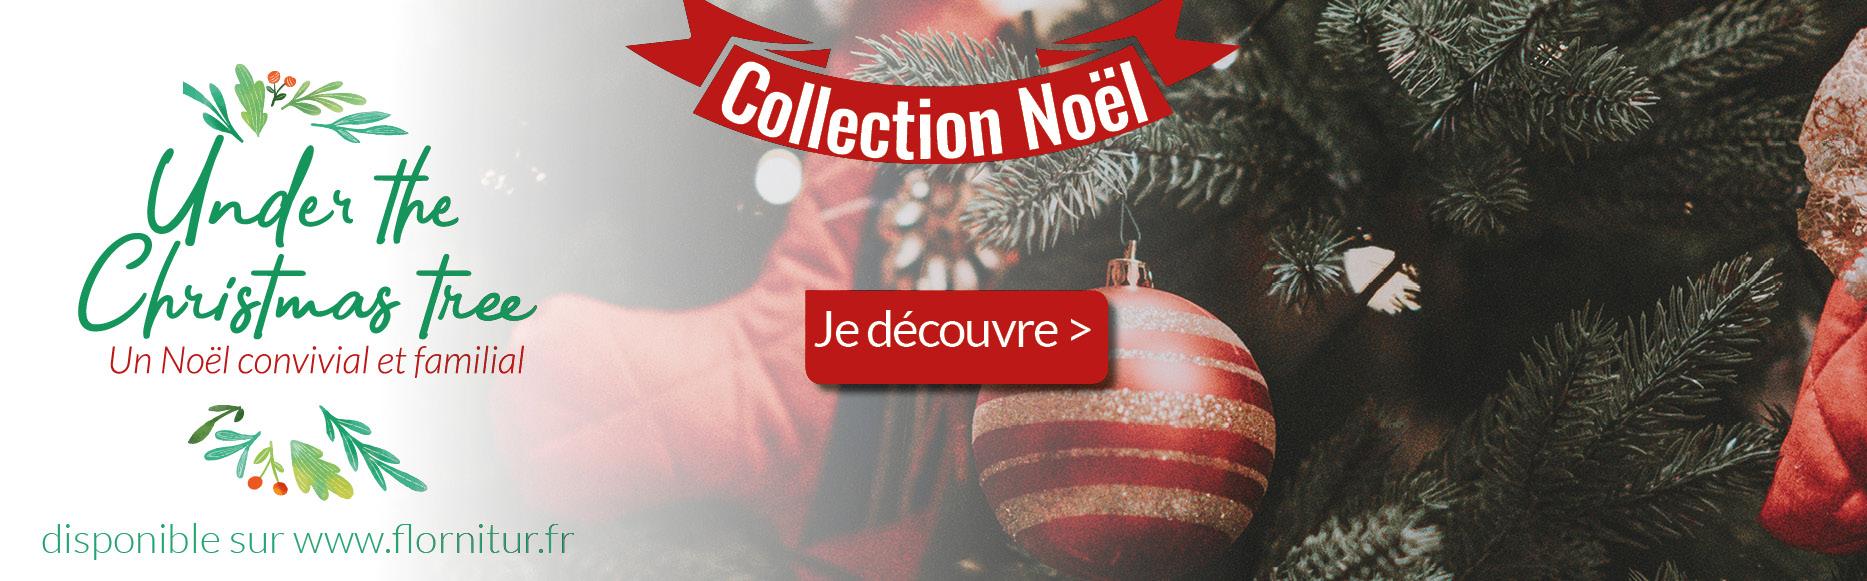 Noël Flornitur Collection